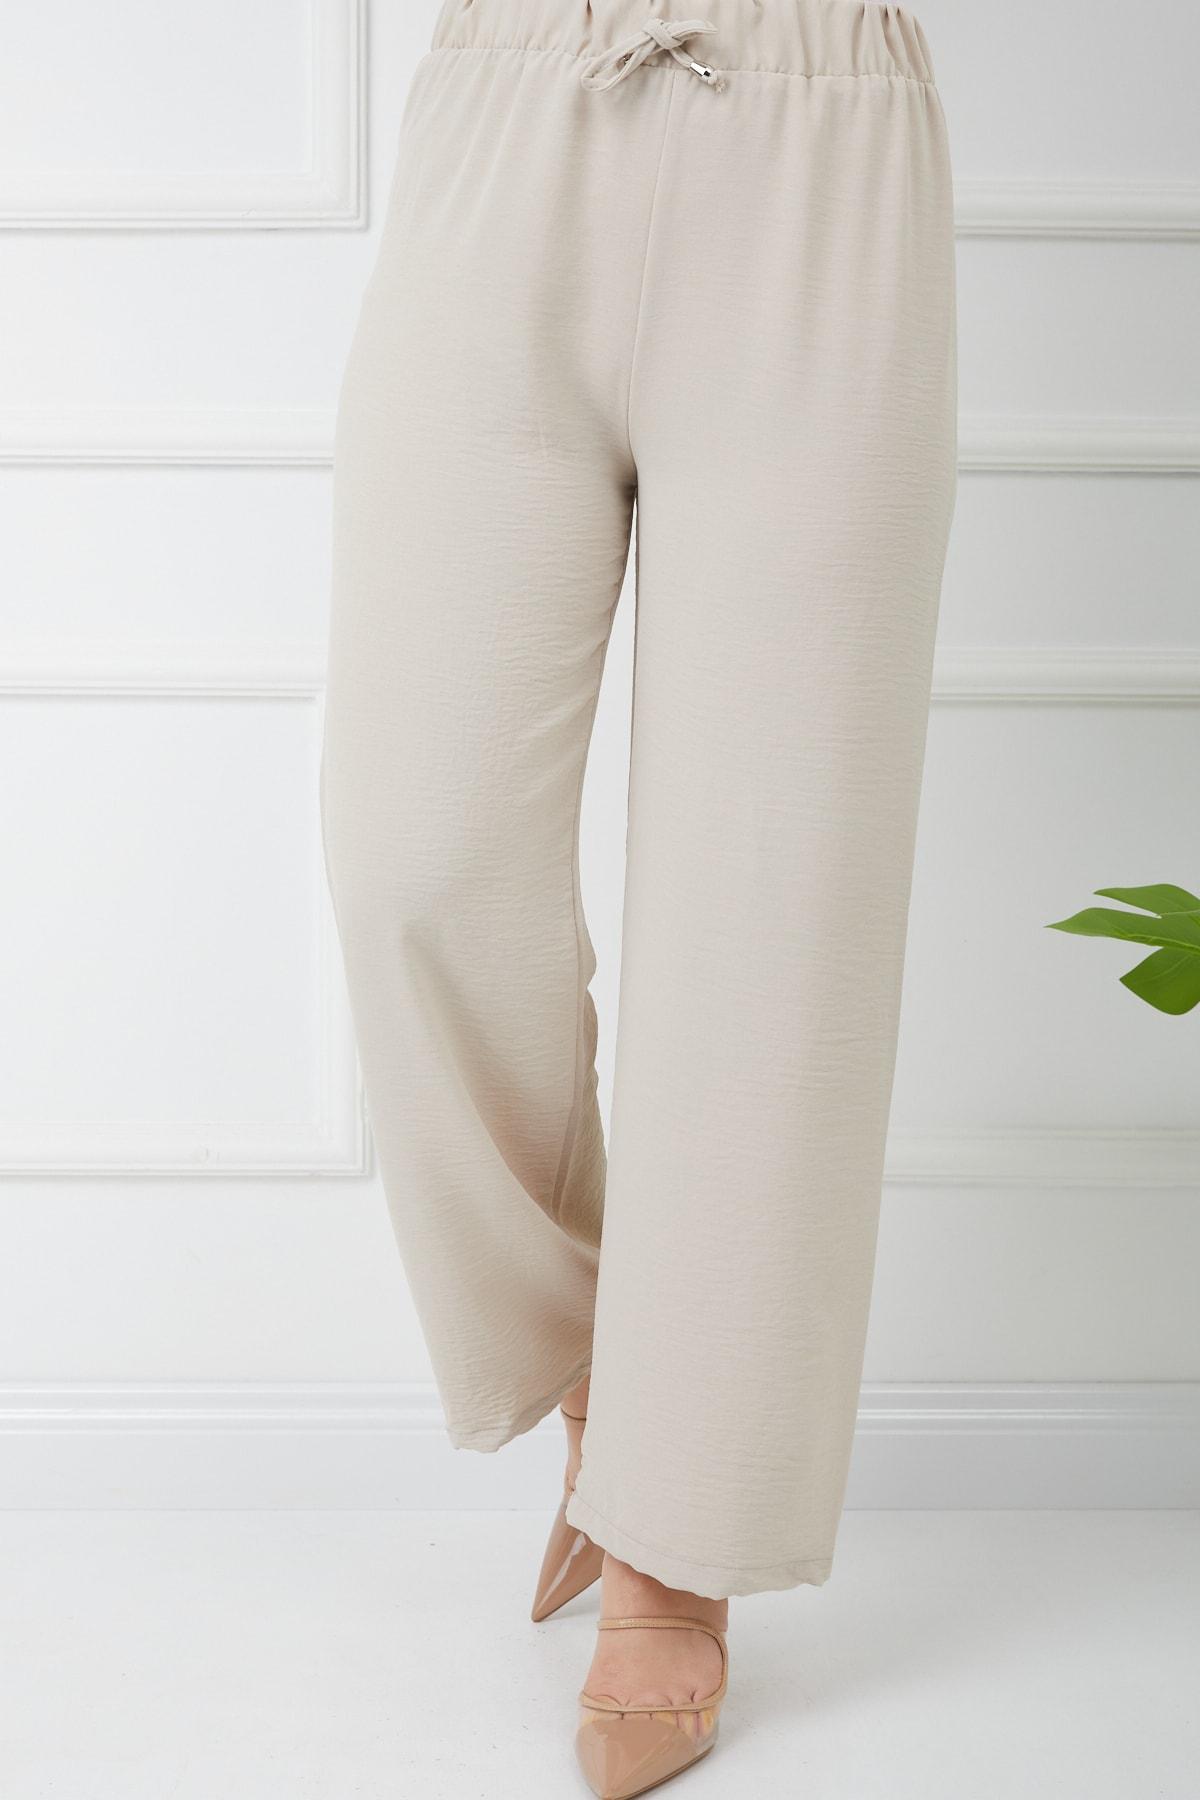 Kadın Tesettür Airobin Kumaş Bol Paça Pantolon